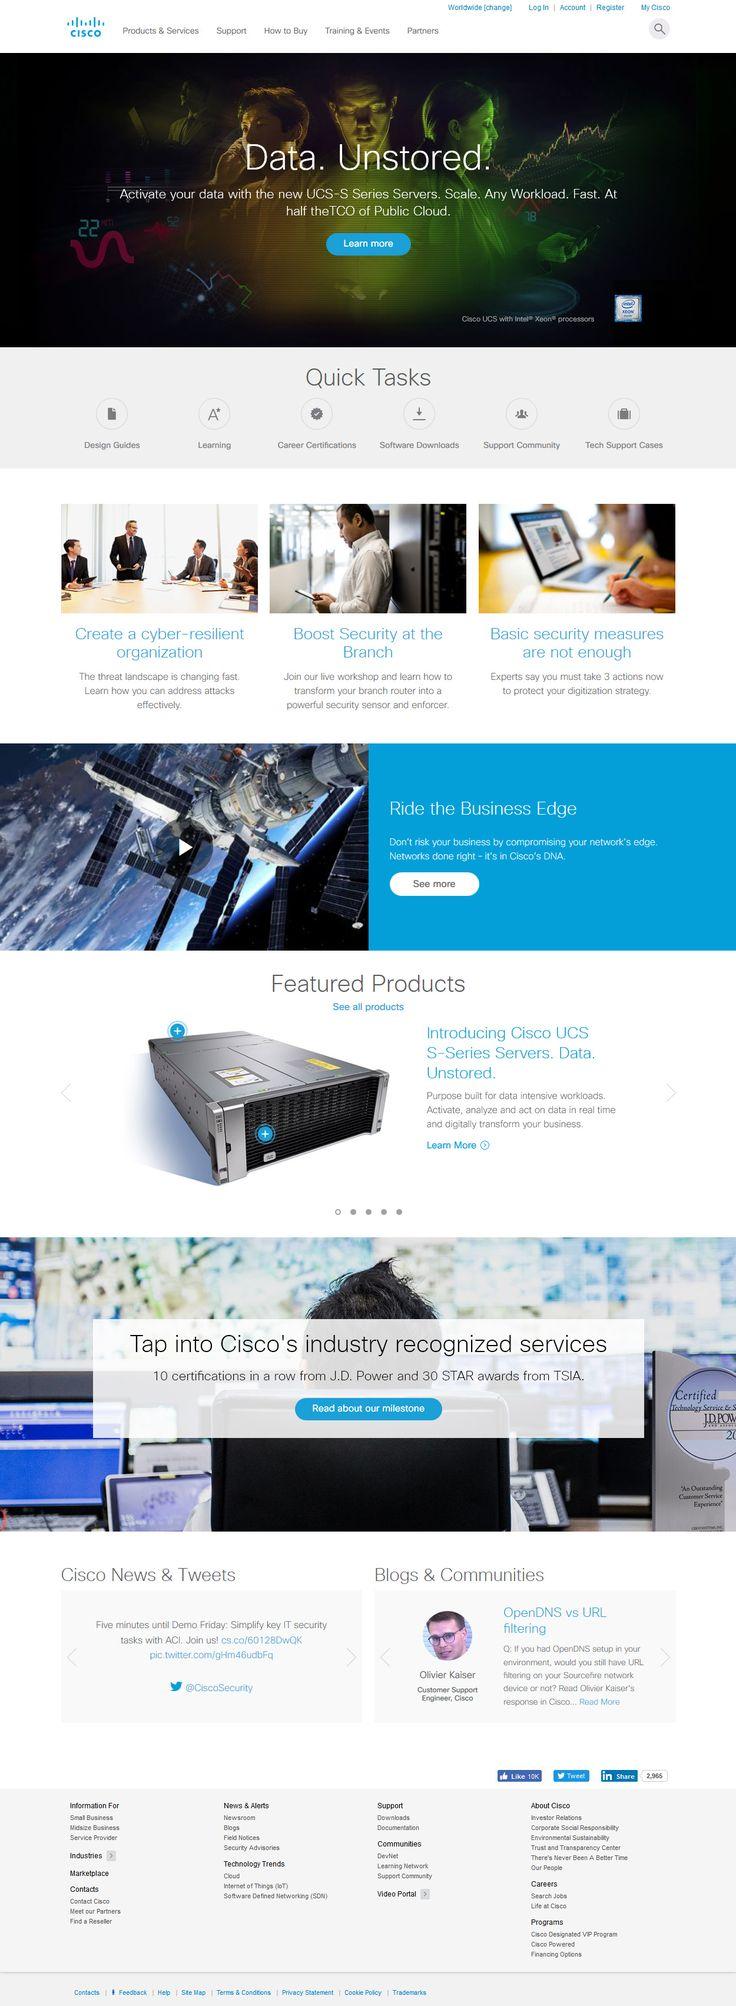 Cisco website in 2016